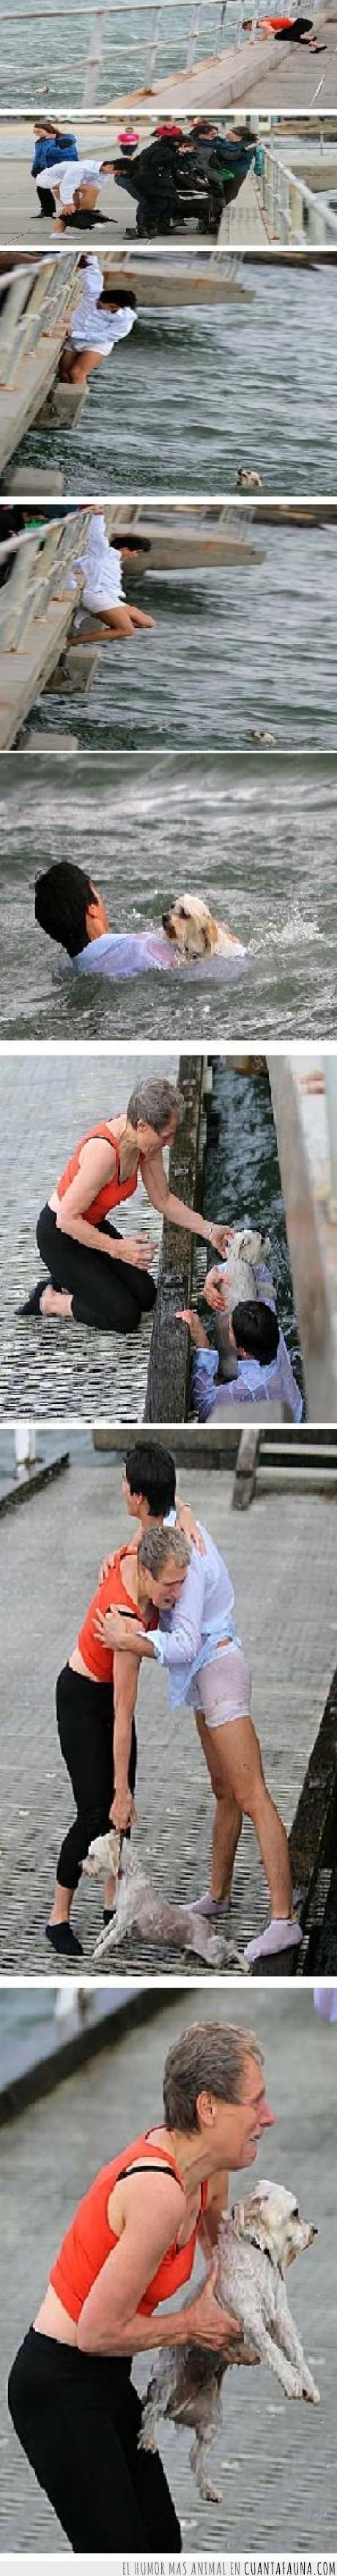 arriesgar,australia,heroe,mar,perro,rescate